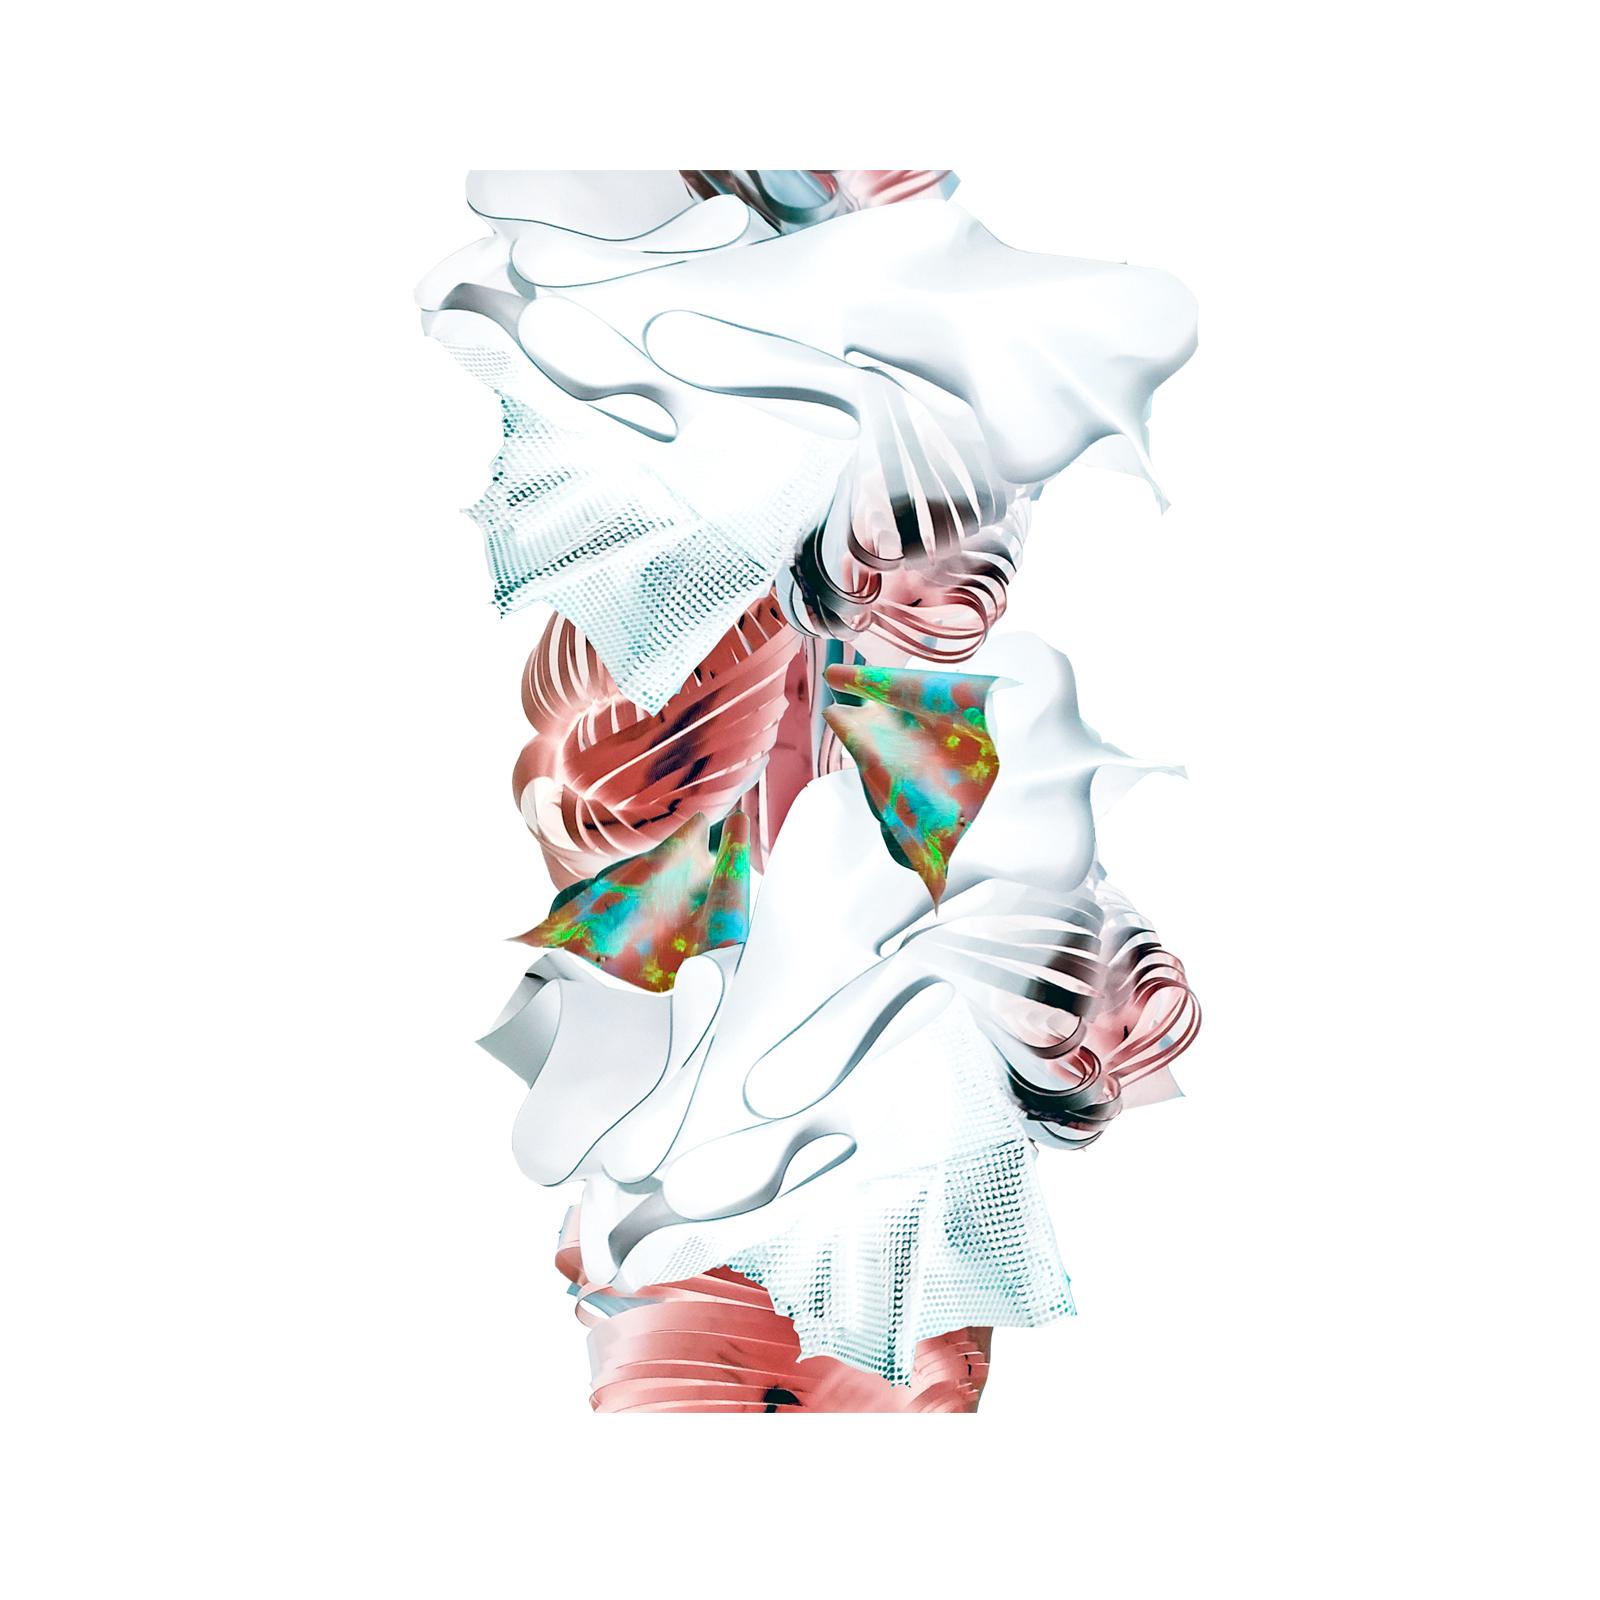 Sylab-designer Håndplukket Til ANYbody-udstilling